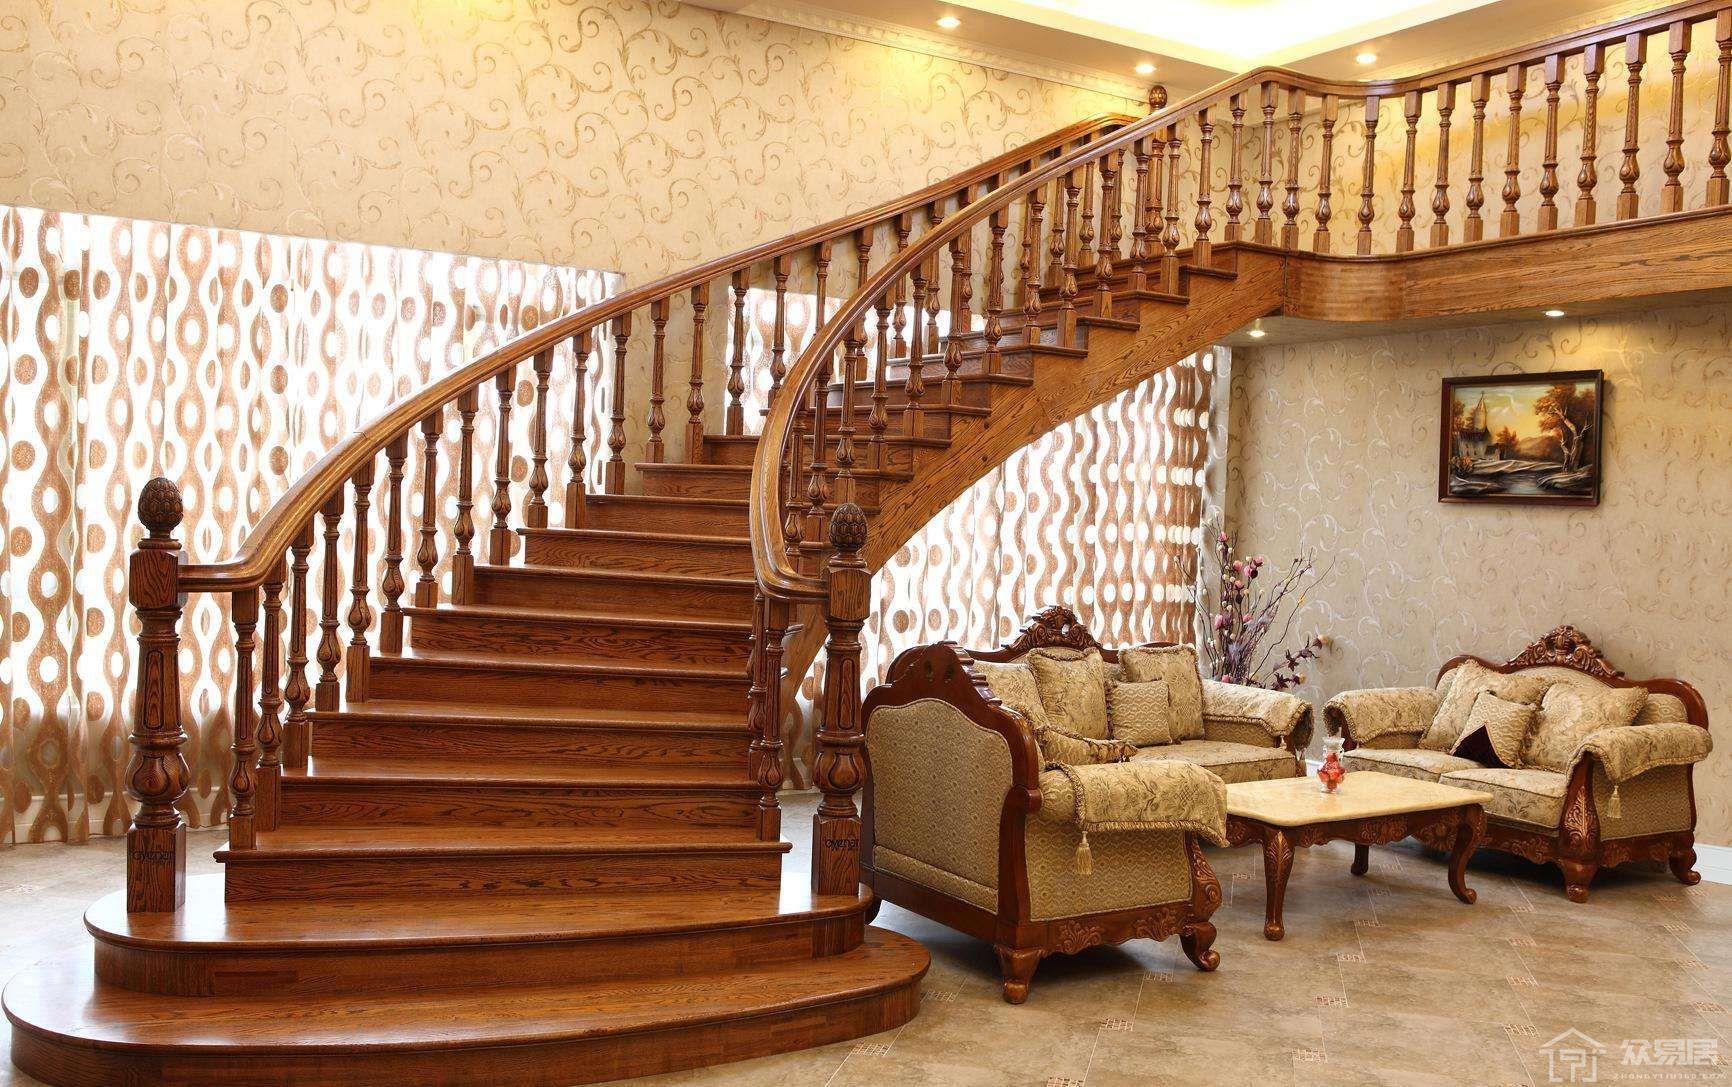 家用楼梯应该如何选择 家用楼梯选择注意事项